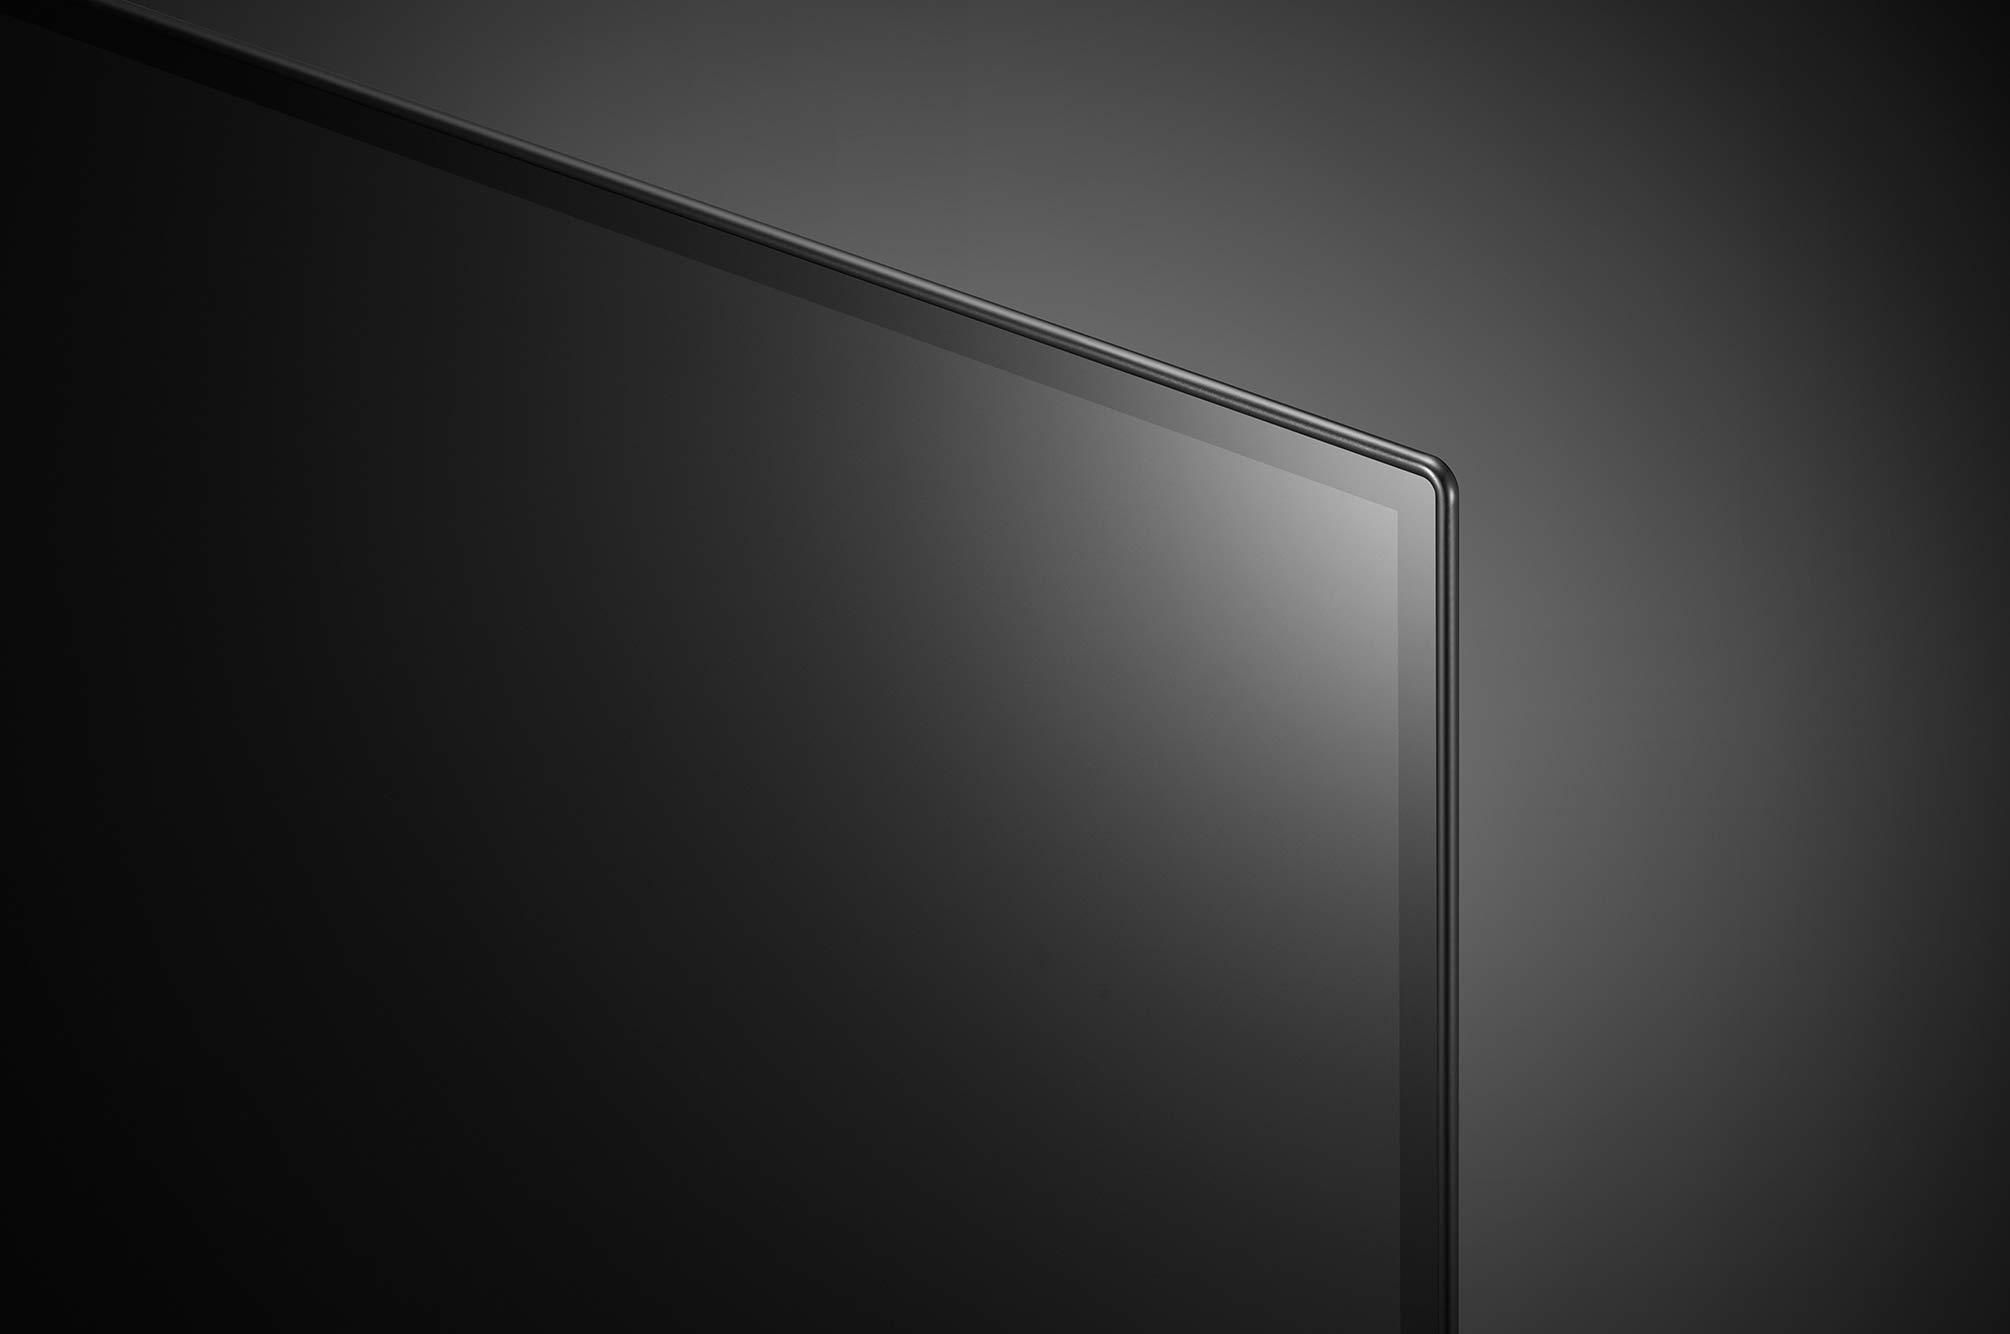 טלוויזיה 48 אינץ' דגם OLED 48C1PVB  בטכנולוגיית LG OLED 4K Ultra HD אל ג'י - תמונה 9